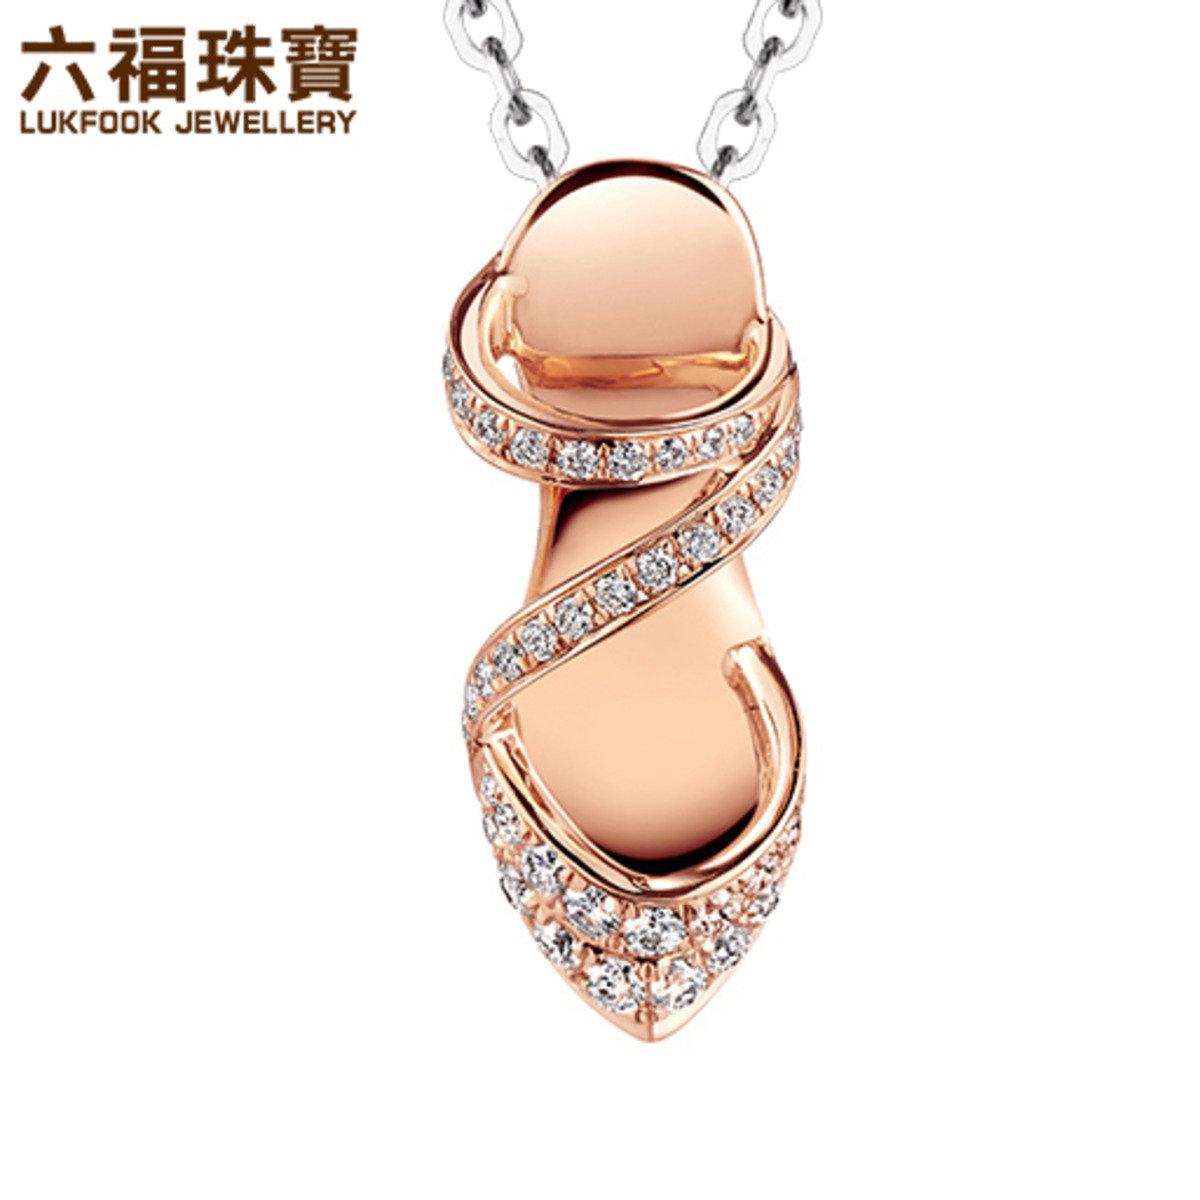 18K/750金(紅色)鑲鑽石吊墜